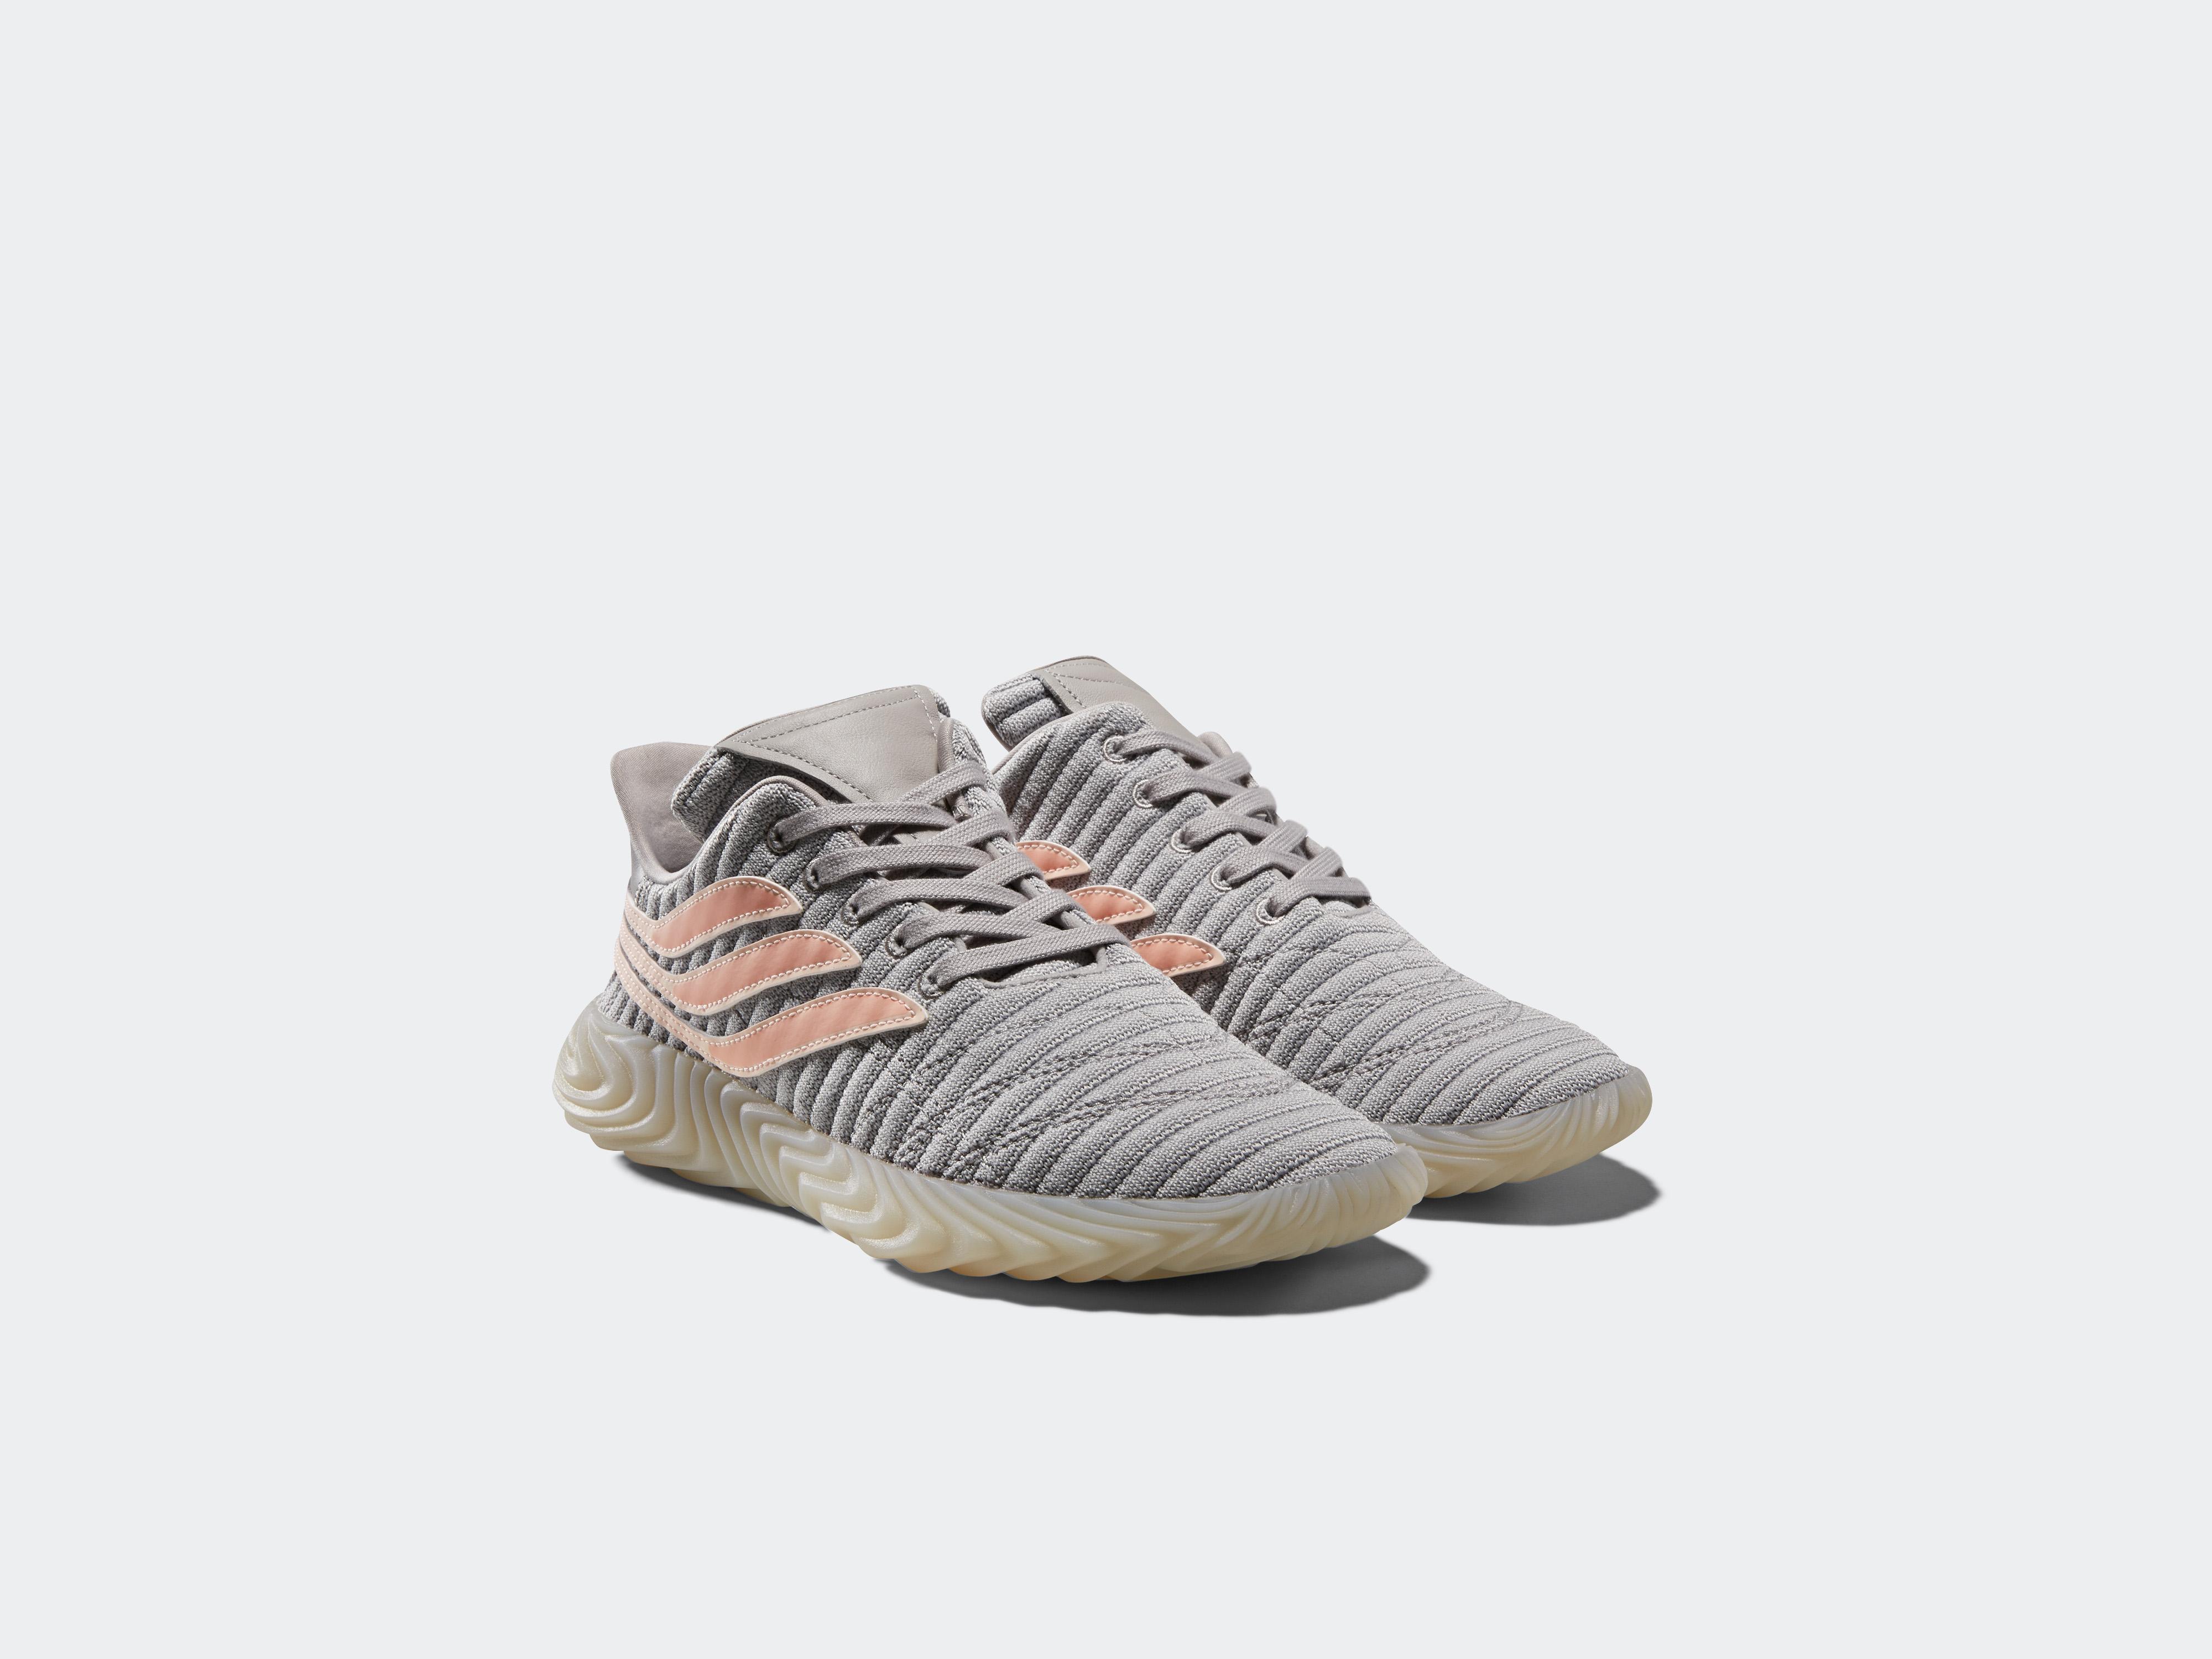 adidas-sobakov-greypink-2